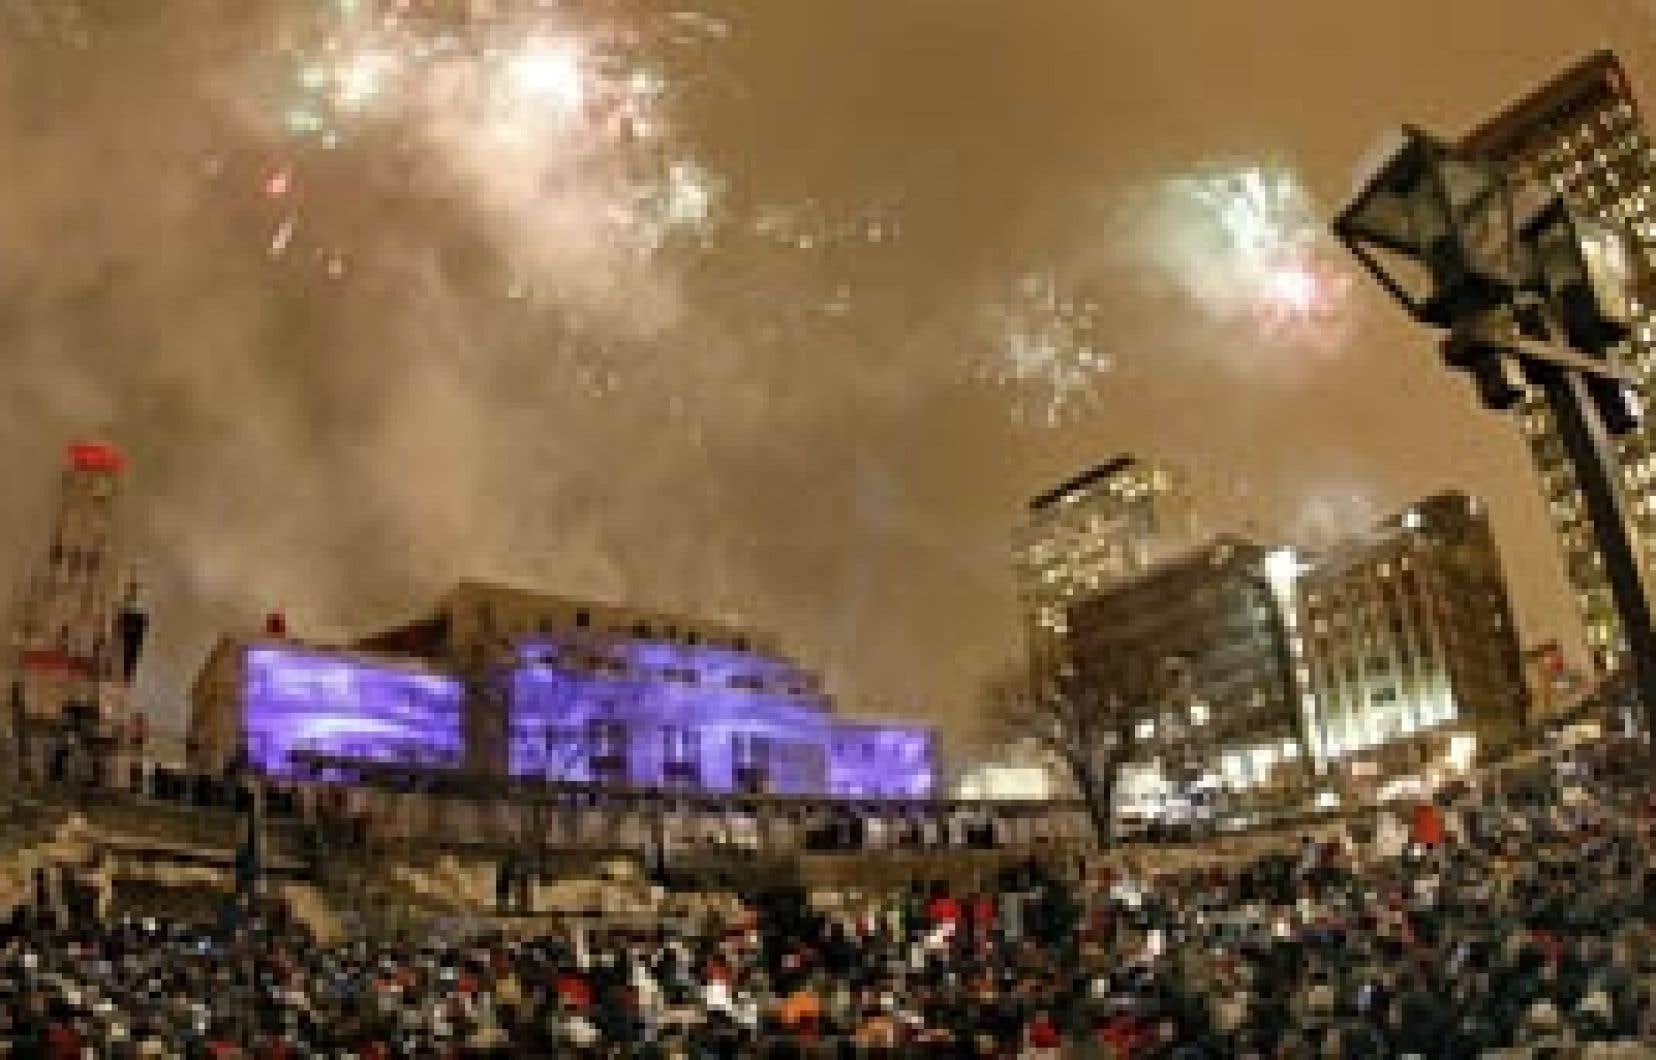 Près de 50 000 personnes se sont rassemblées à la place d'Youville pour assister au spectacle du 31 décembre qui donnait le coup d'envoi aux festivités du 400e anniversaire de Québec.